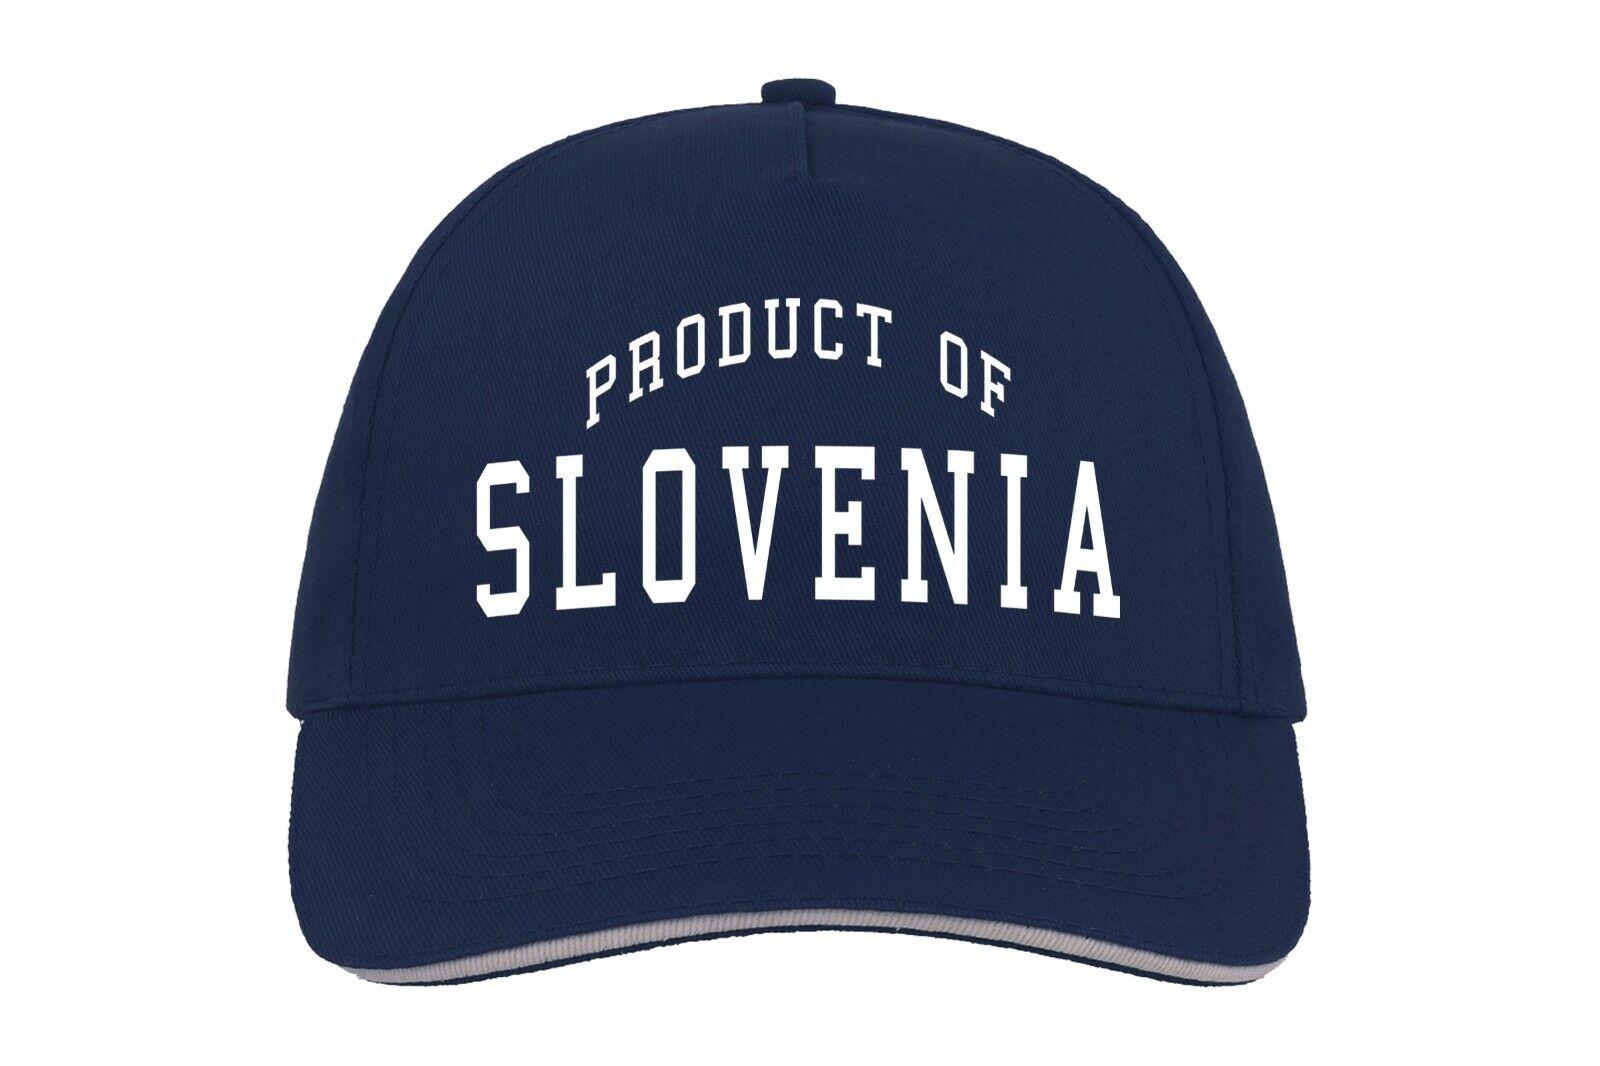 Slowenien Produkt Von Baseballmütze Cap Maßgefertigt Geburtstagsgeschenk Country